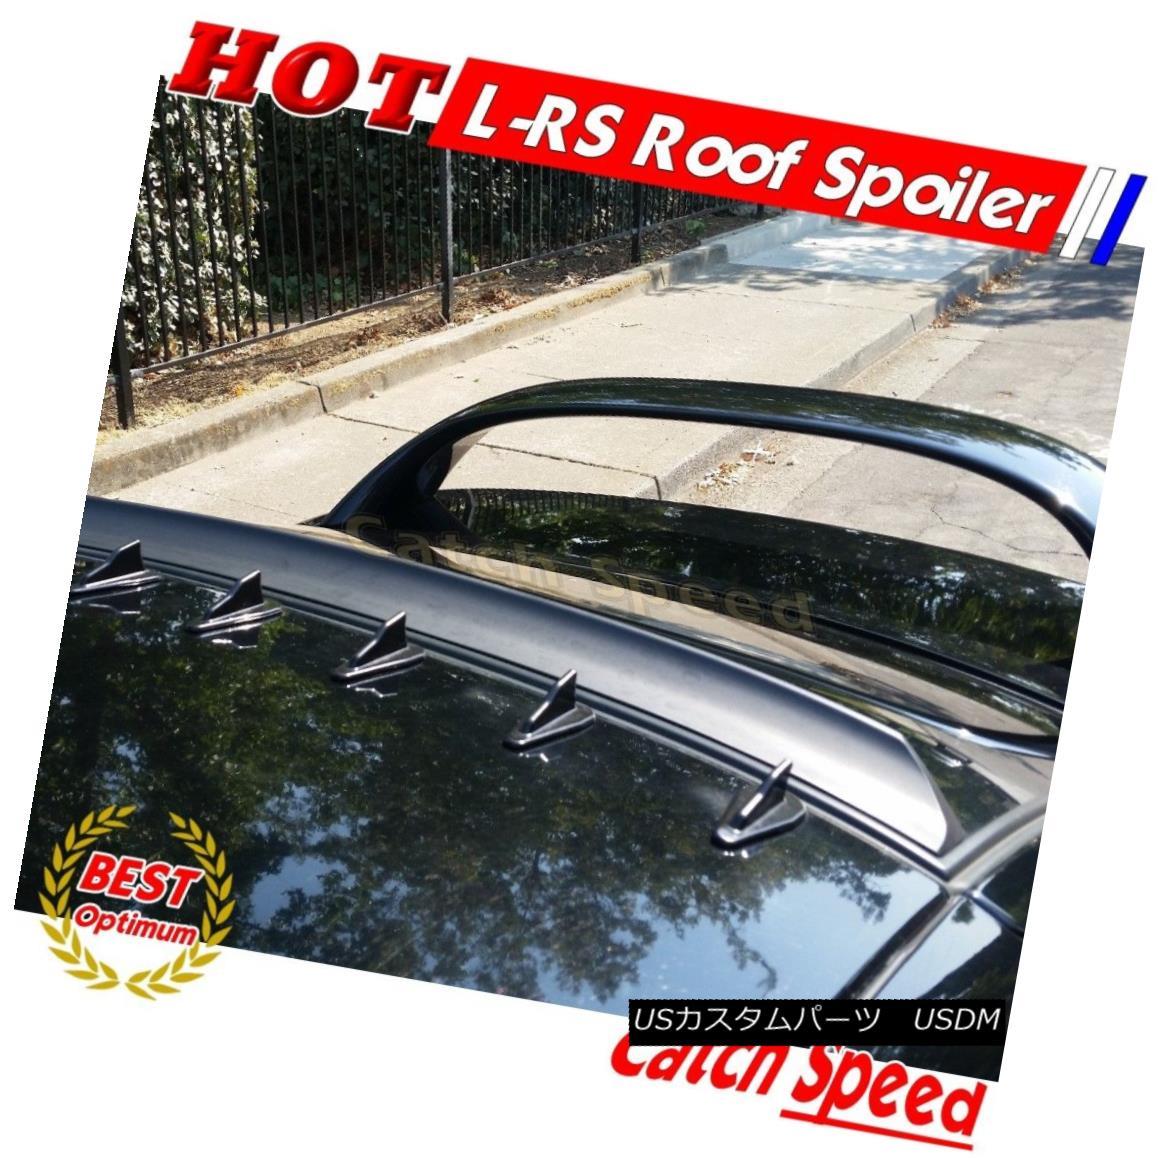 エアロパーツ Painted LRS Rear Roof Spoiler For US Toyota Corolla Altis 2009~12 Sedan ? 米国トヨタカローラアルティス用LRSリアルーフスポイラーを塗装2009?12セダン?